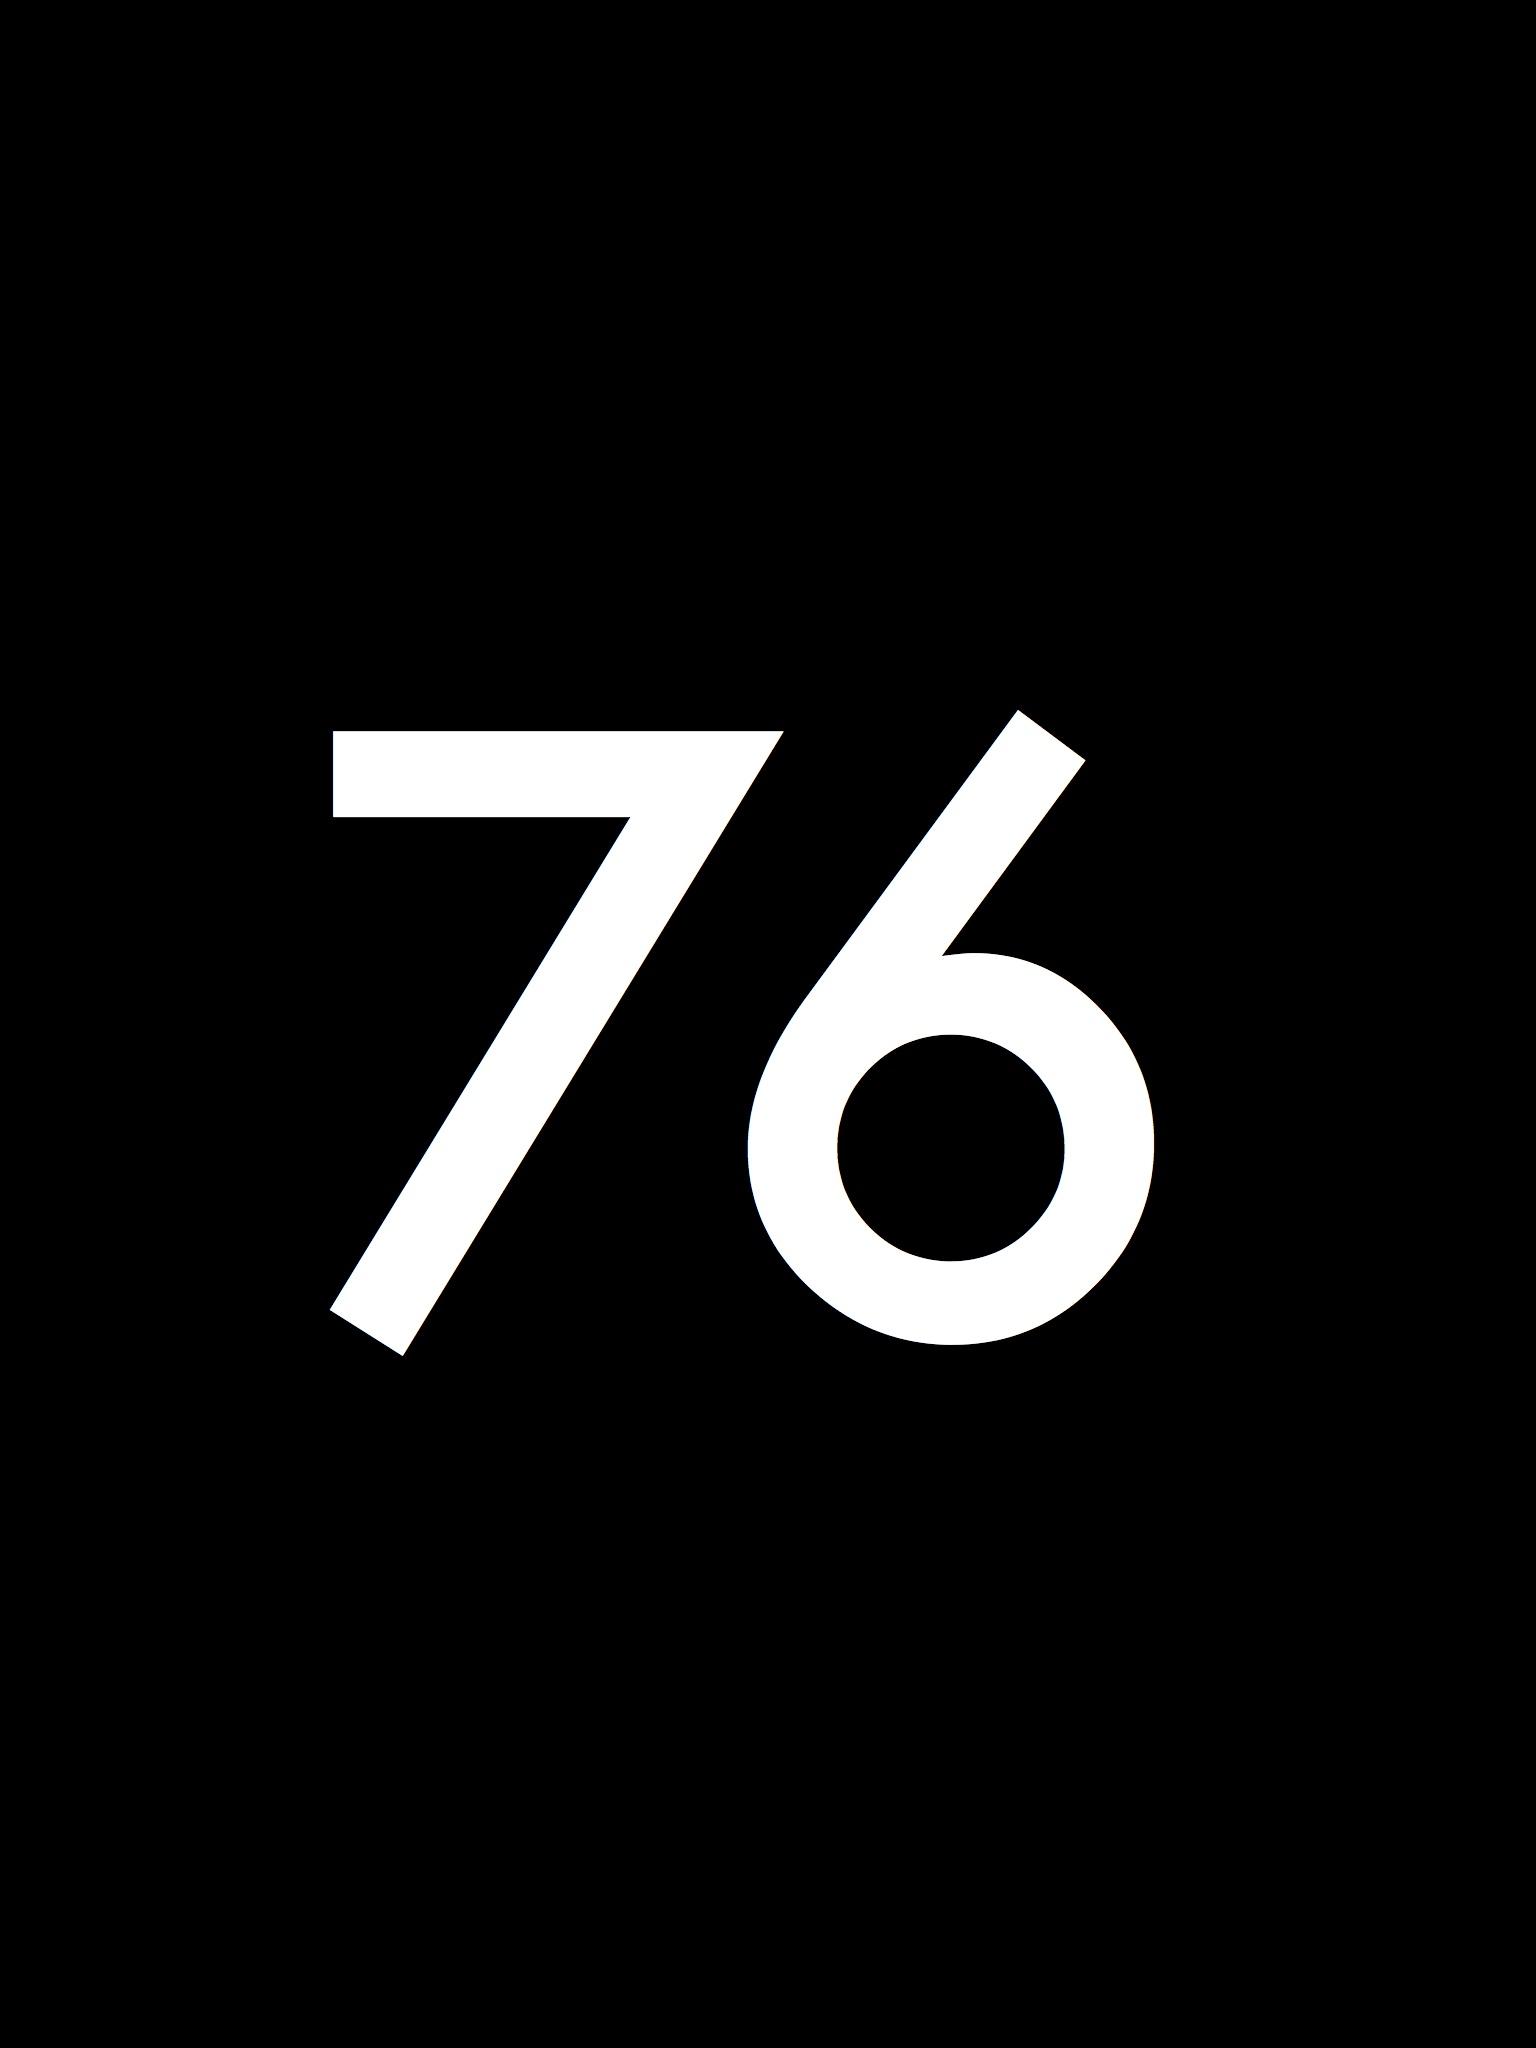 Black_Number.076.jpg